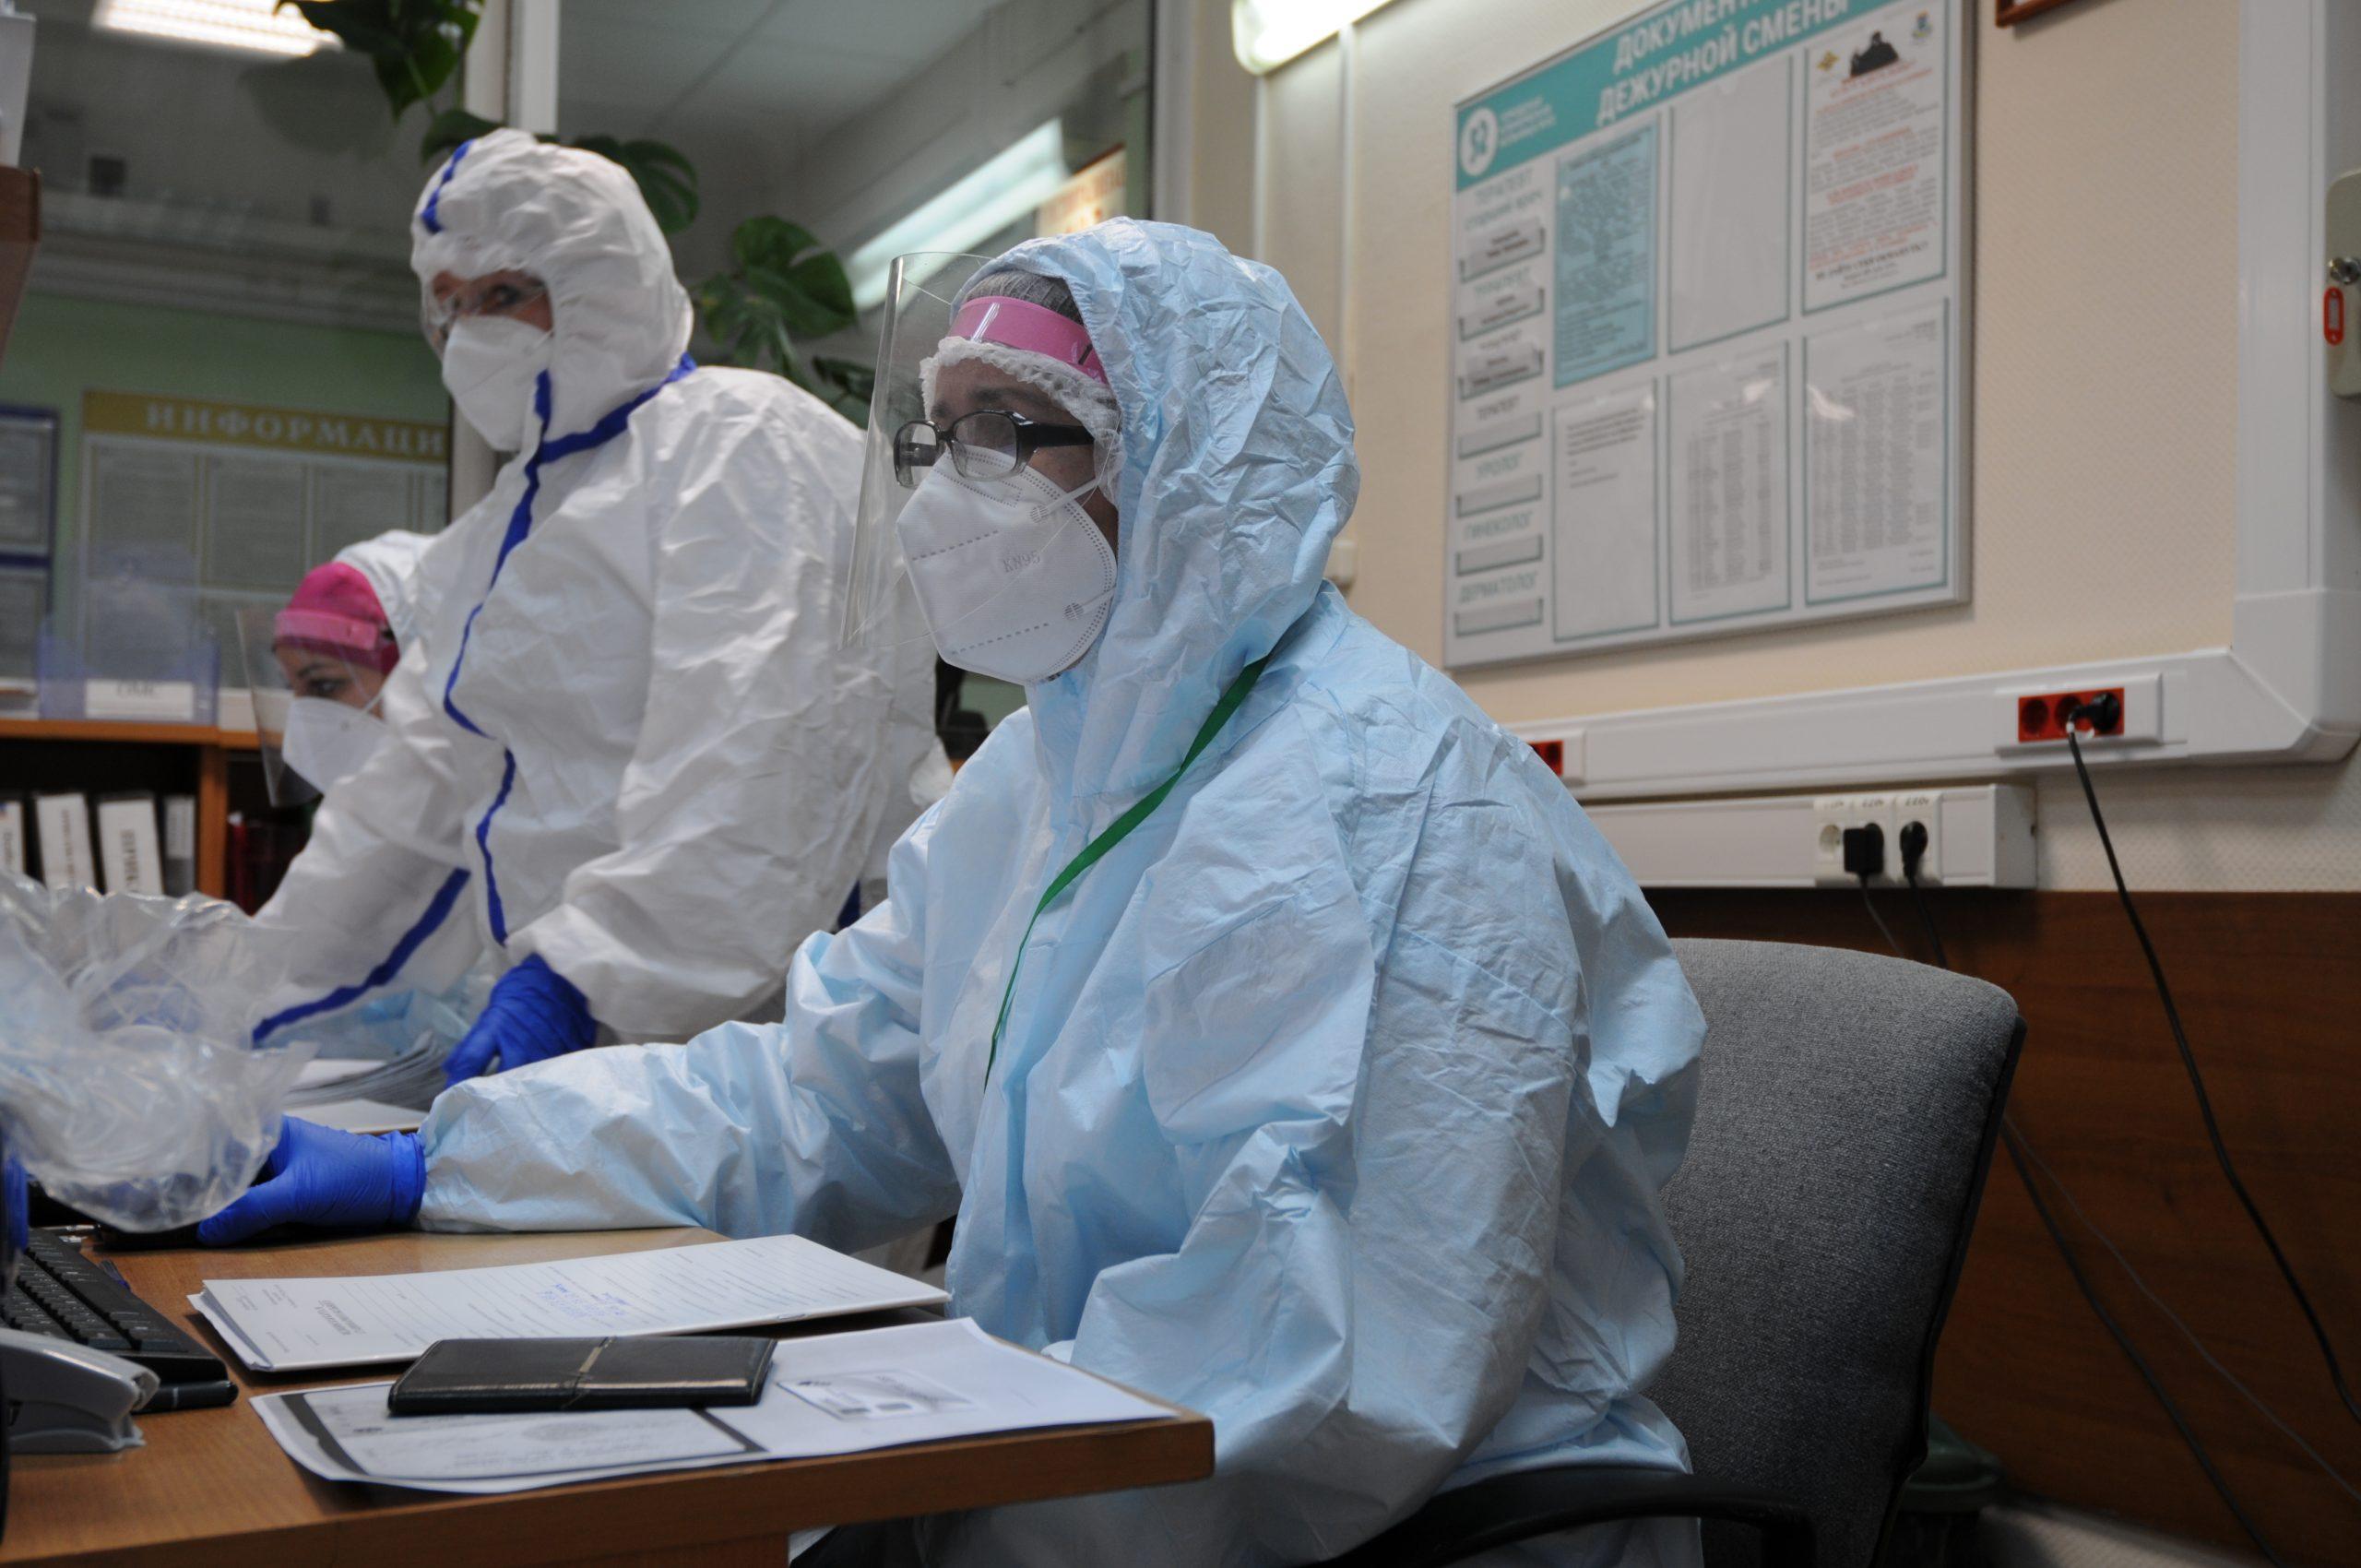 В Москве провели более 20 миллионов ПЦР-тестов на коронавирус. Фото: Светлана Колоскова,«Вечерняя Москва»